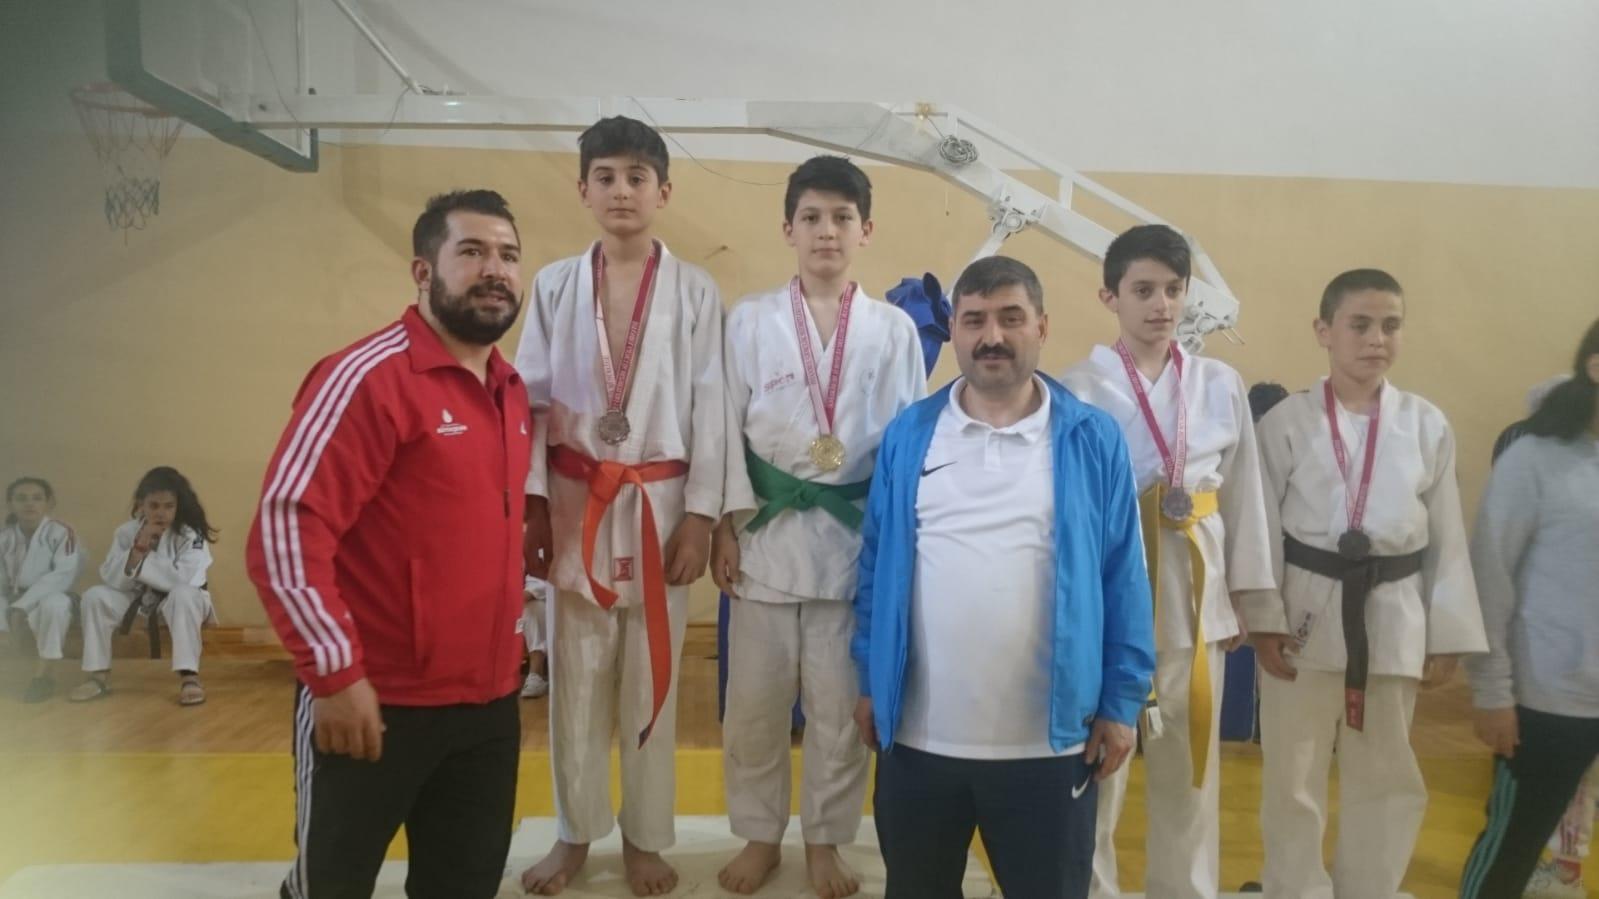 Judo Sporcularımız Minikler İstanbul İl Seçmesi - HABERLER - MAVİ HALİÇ Gençlik ve Spor Kulübü Derneği | Mavi Haliç